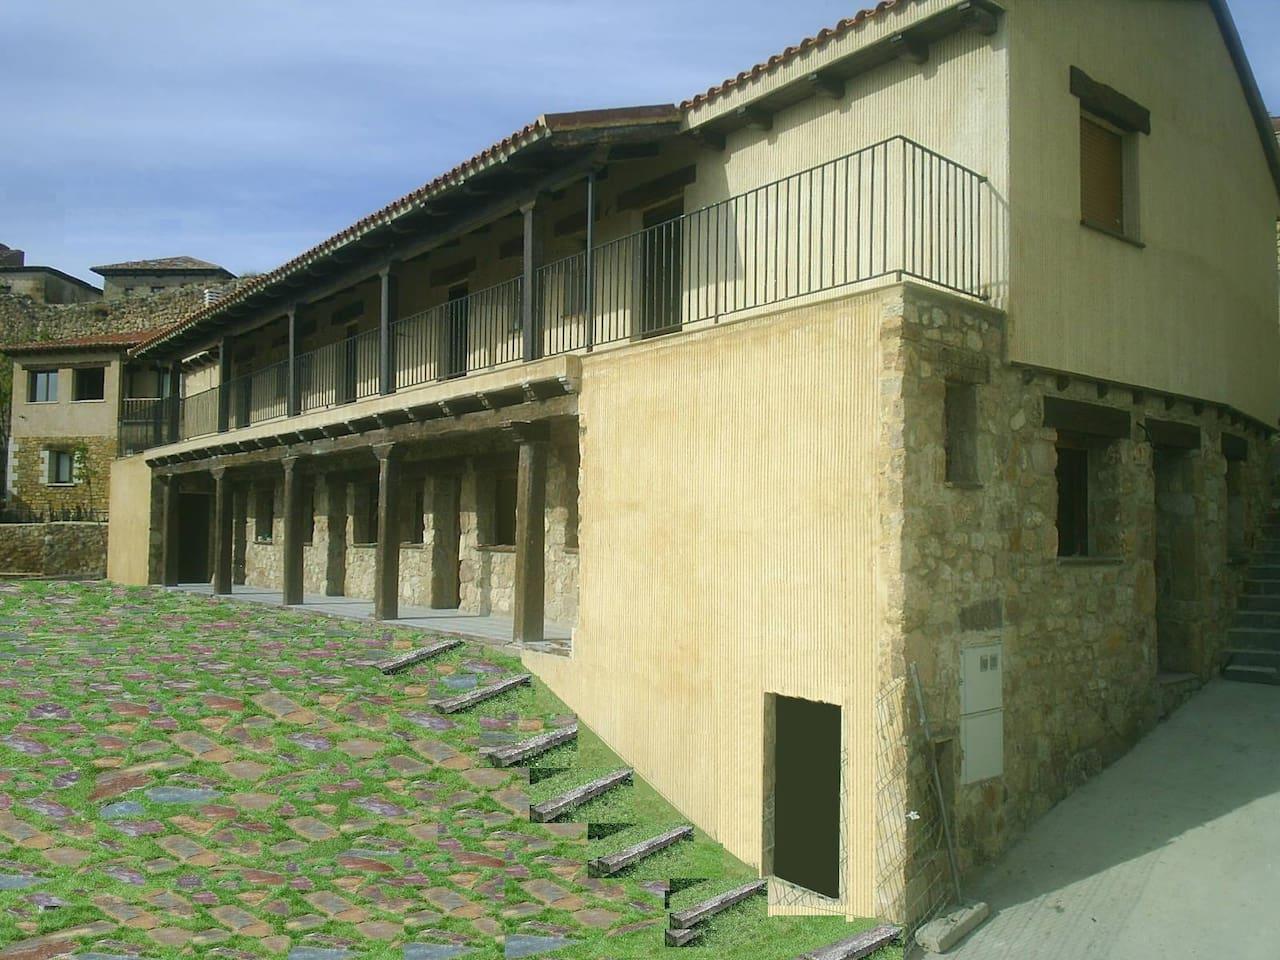 Fachada principal con porche y galería medievales.